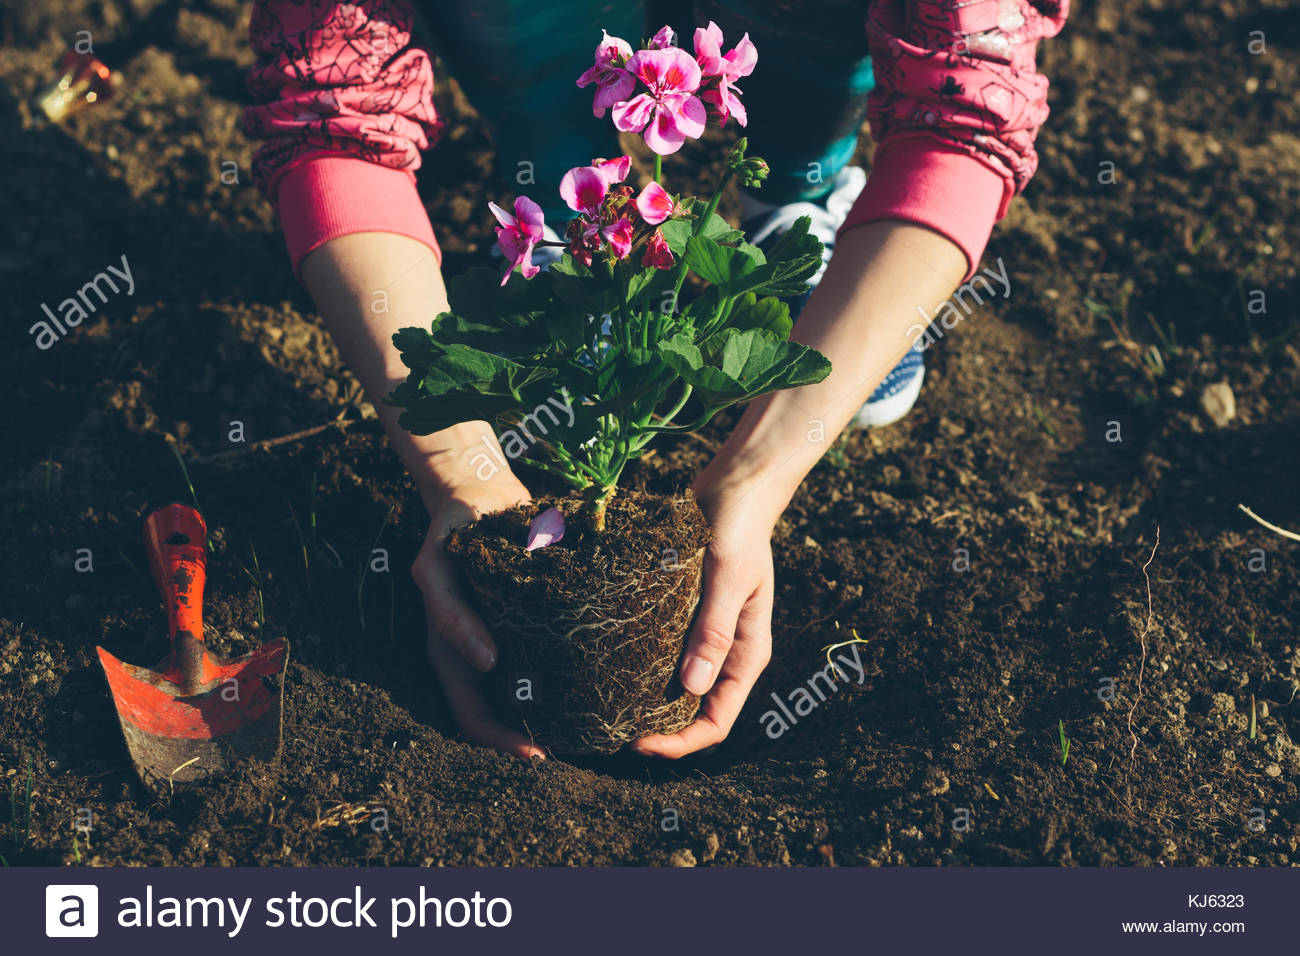 Hände das Einpflanzen einer Blume im Boden Stockbild